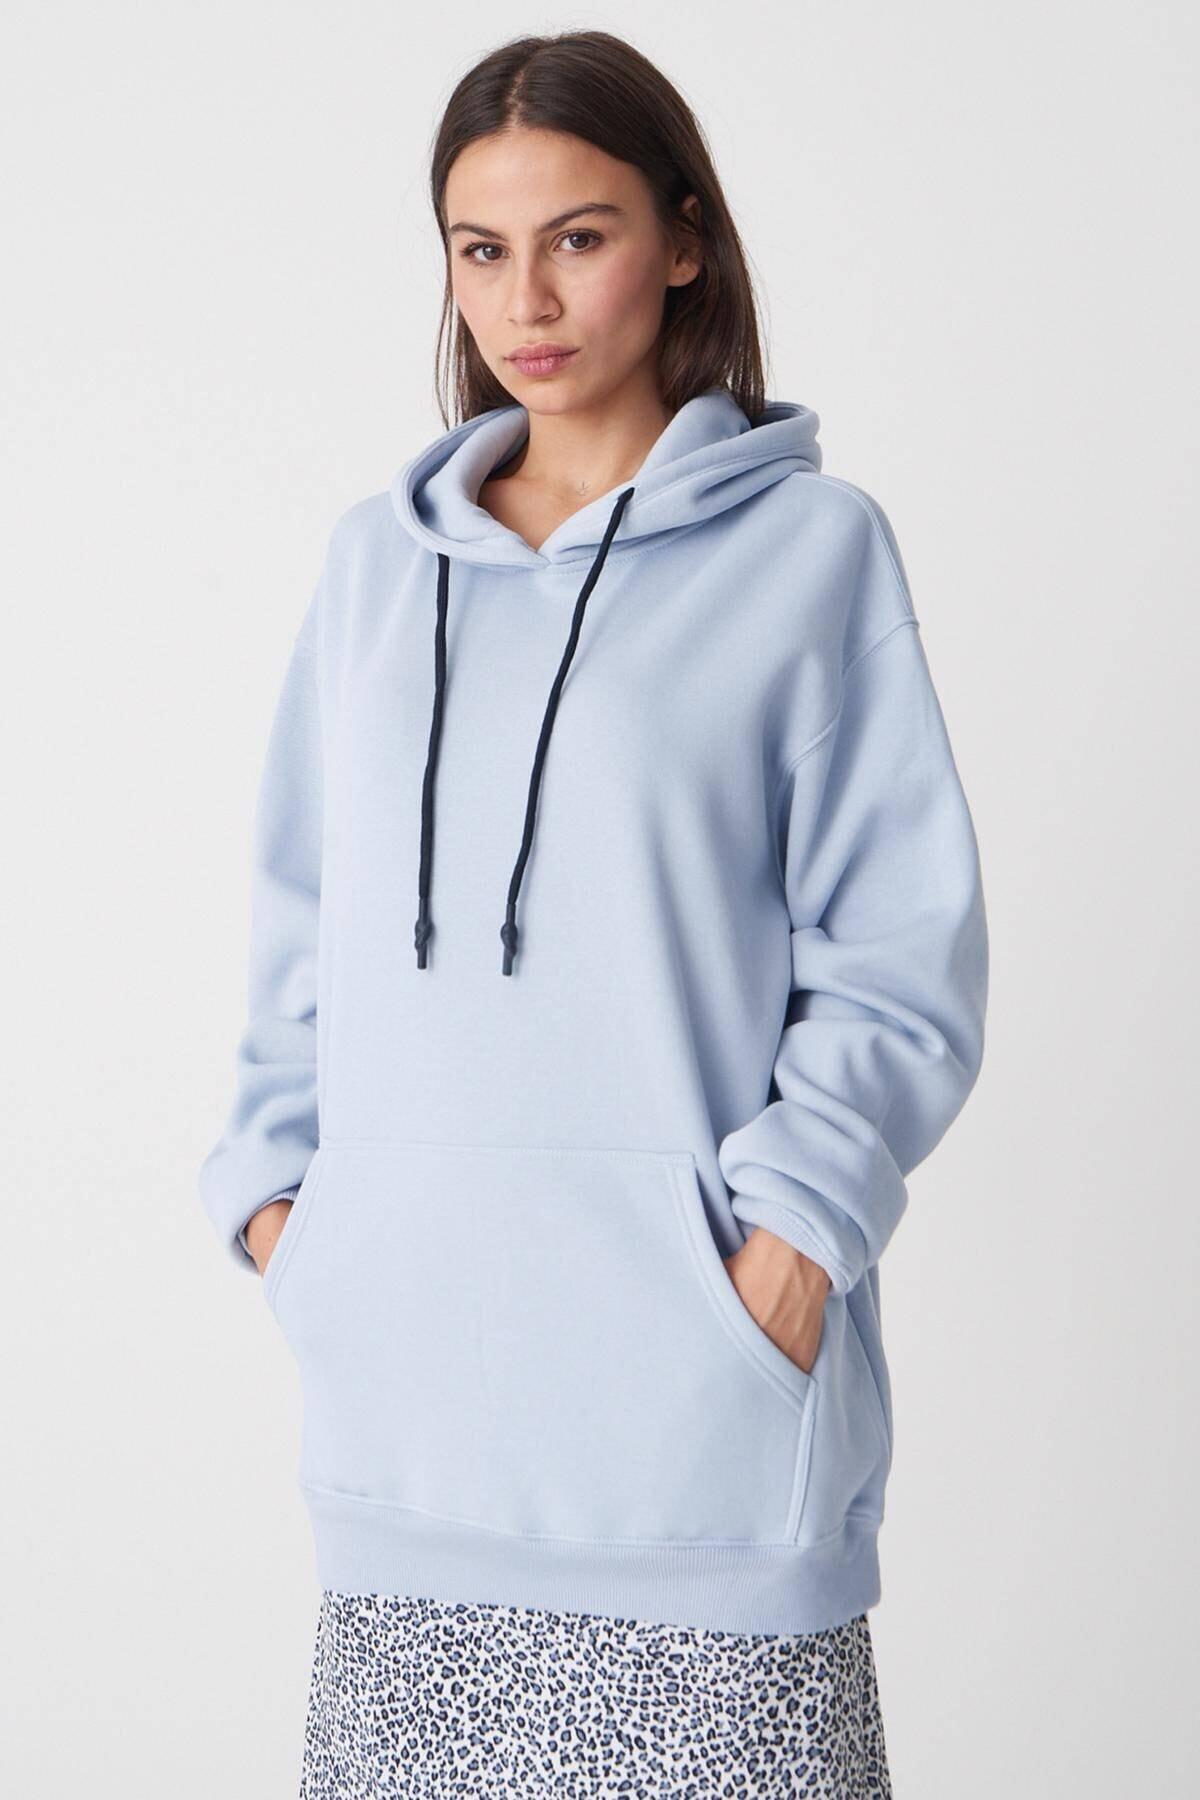 Addax Kadın Buz Mavi Kapüşonlu Oversize Sweat S0925 - N4 - P3 ADX-0000022256 1